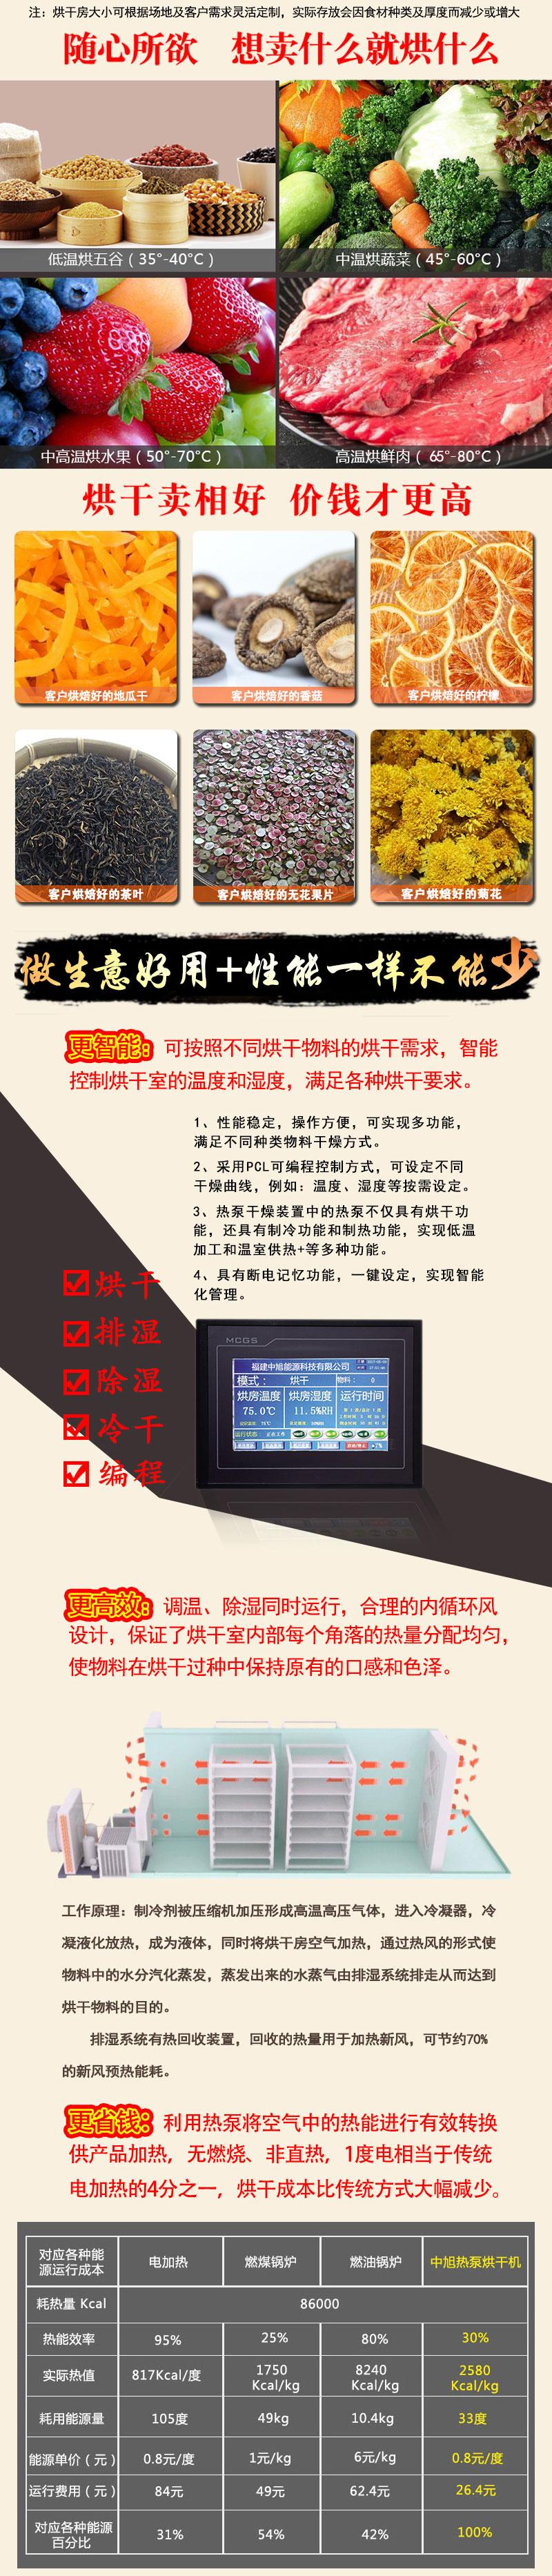 侧吹风万博手机登录网机详情页----(定稿)_02.jpg